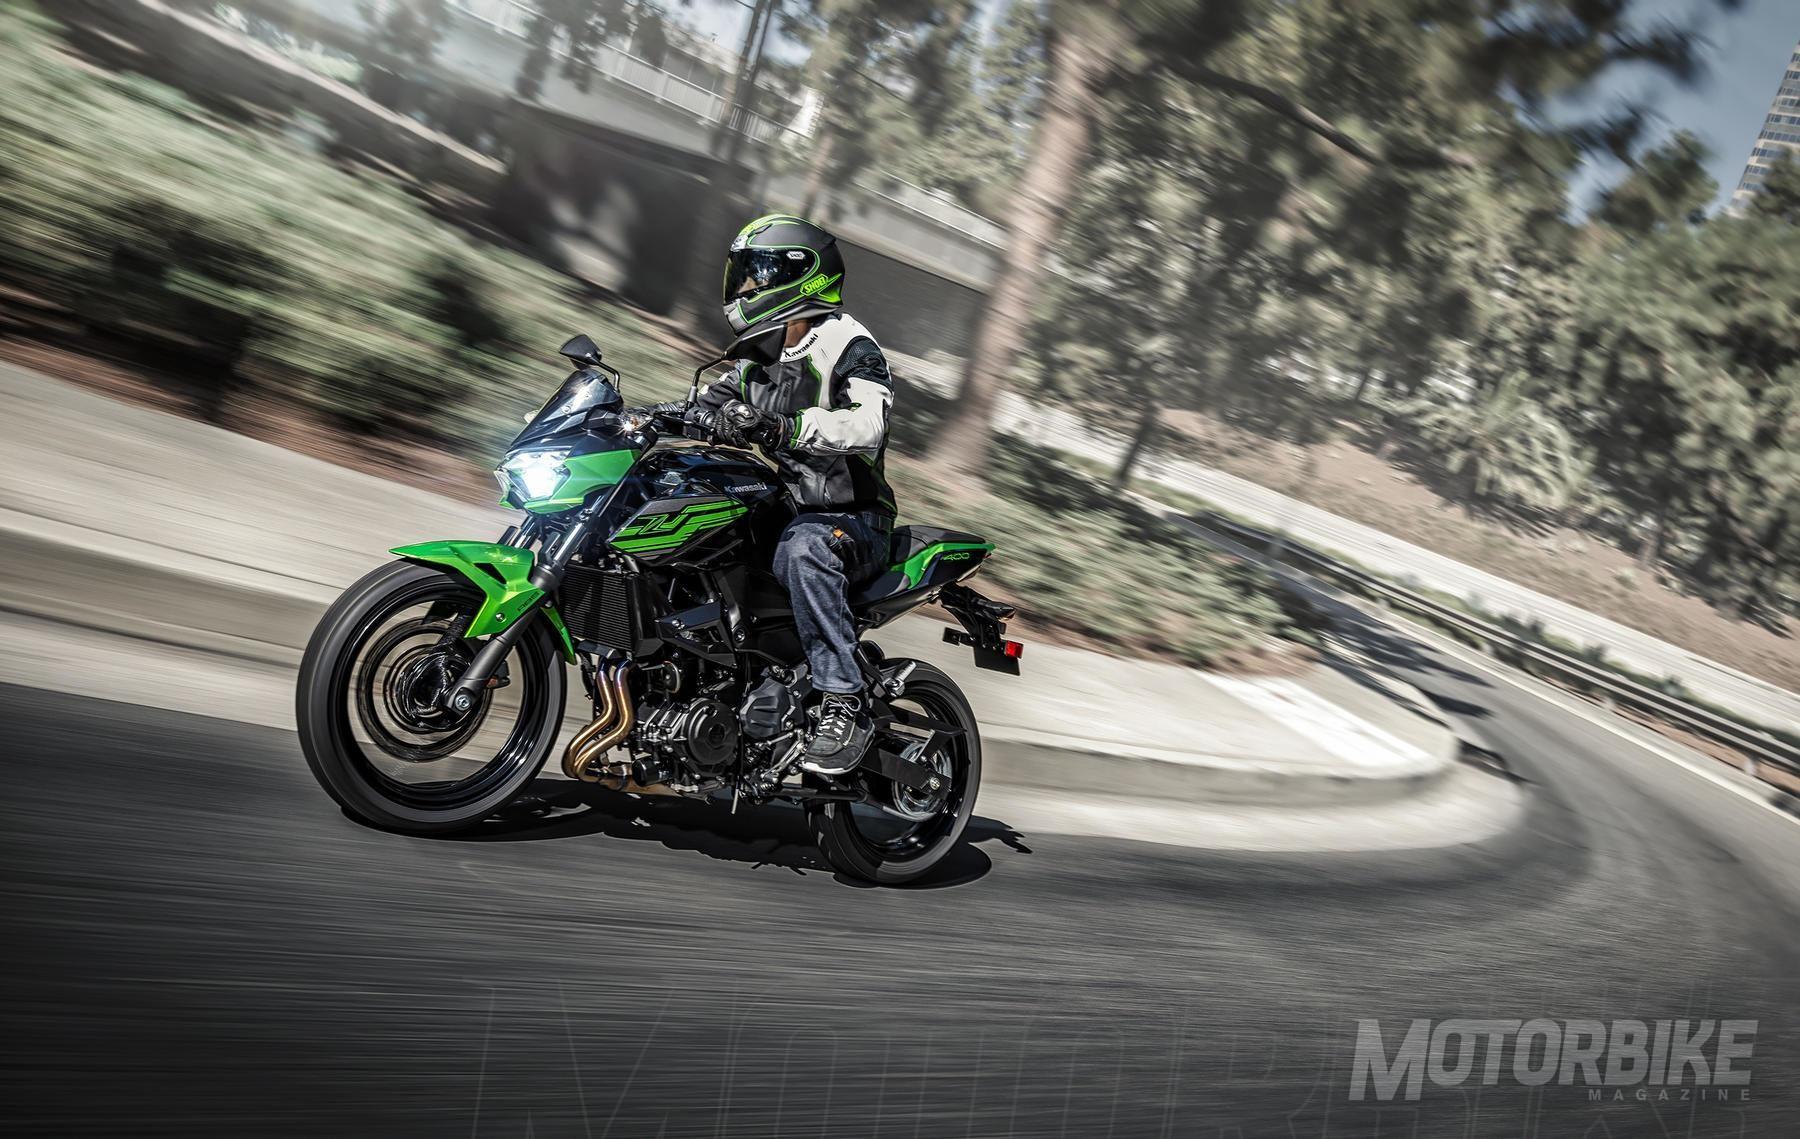 Kawasaki Z400 2019 prezzo, informazioni tecniche, foto e